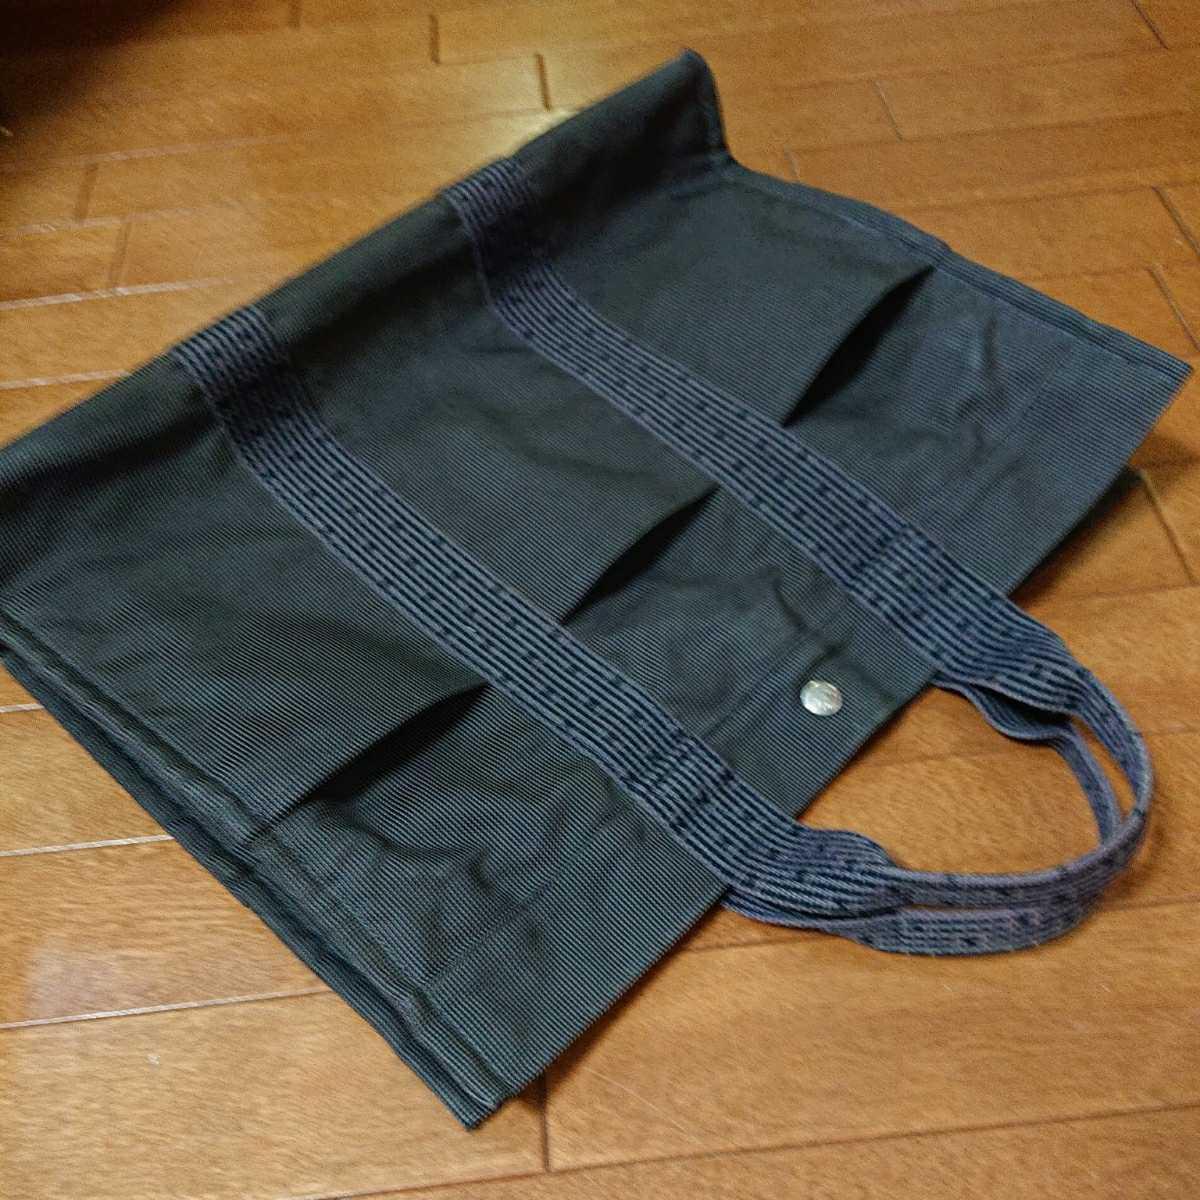 エルメス エルメスエールライン トートバッグ フールトゥ HERMES バッグ 男女兼用 ビジネスカバン 鞄 かばん 黒 ブラック_画像8